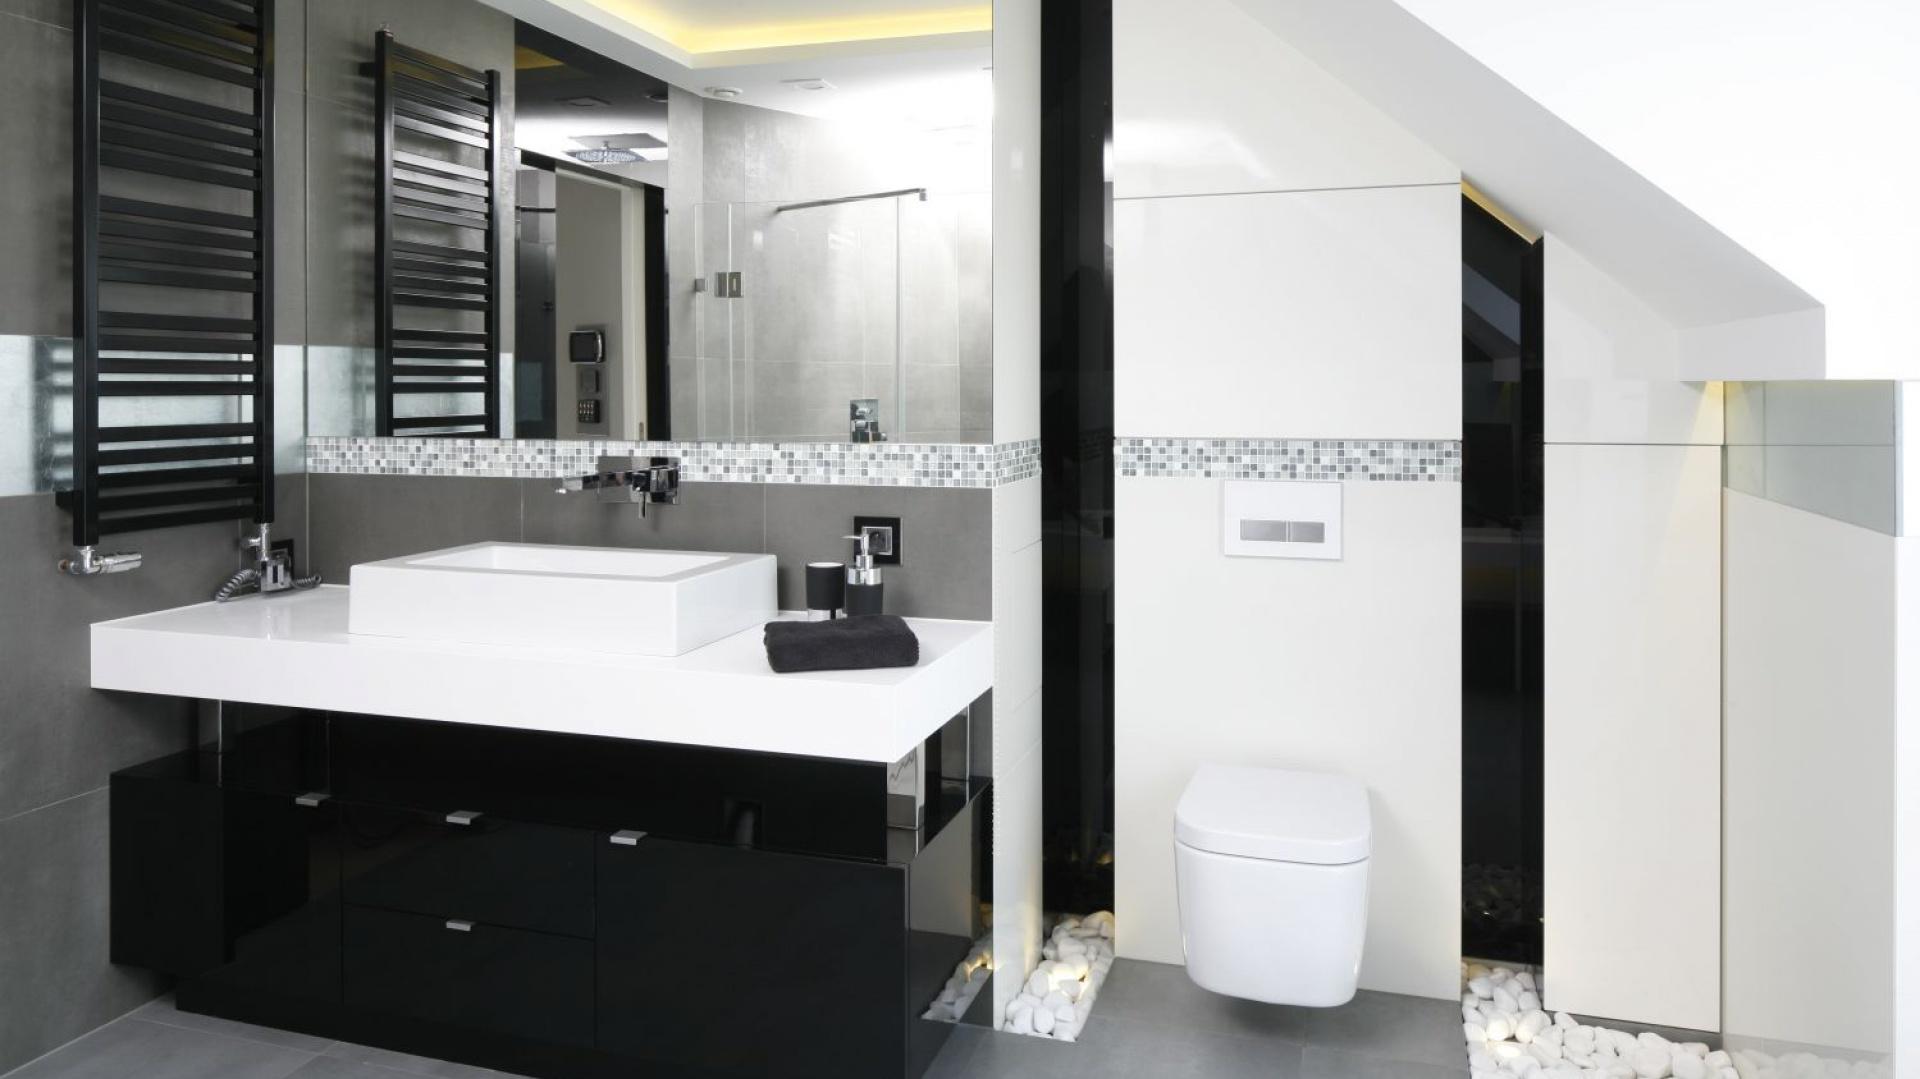 Na poddaszu urządzono łazienkę dla dzieci. Choć korzystają z niej najmłodsi domownicy, jest bardzo elegancka. Projekt: Agnieszka Hajdas-Obajtek. Fot. Bartosz Jarosz.